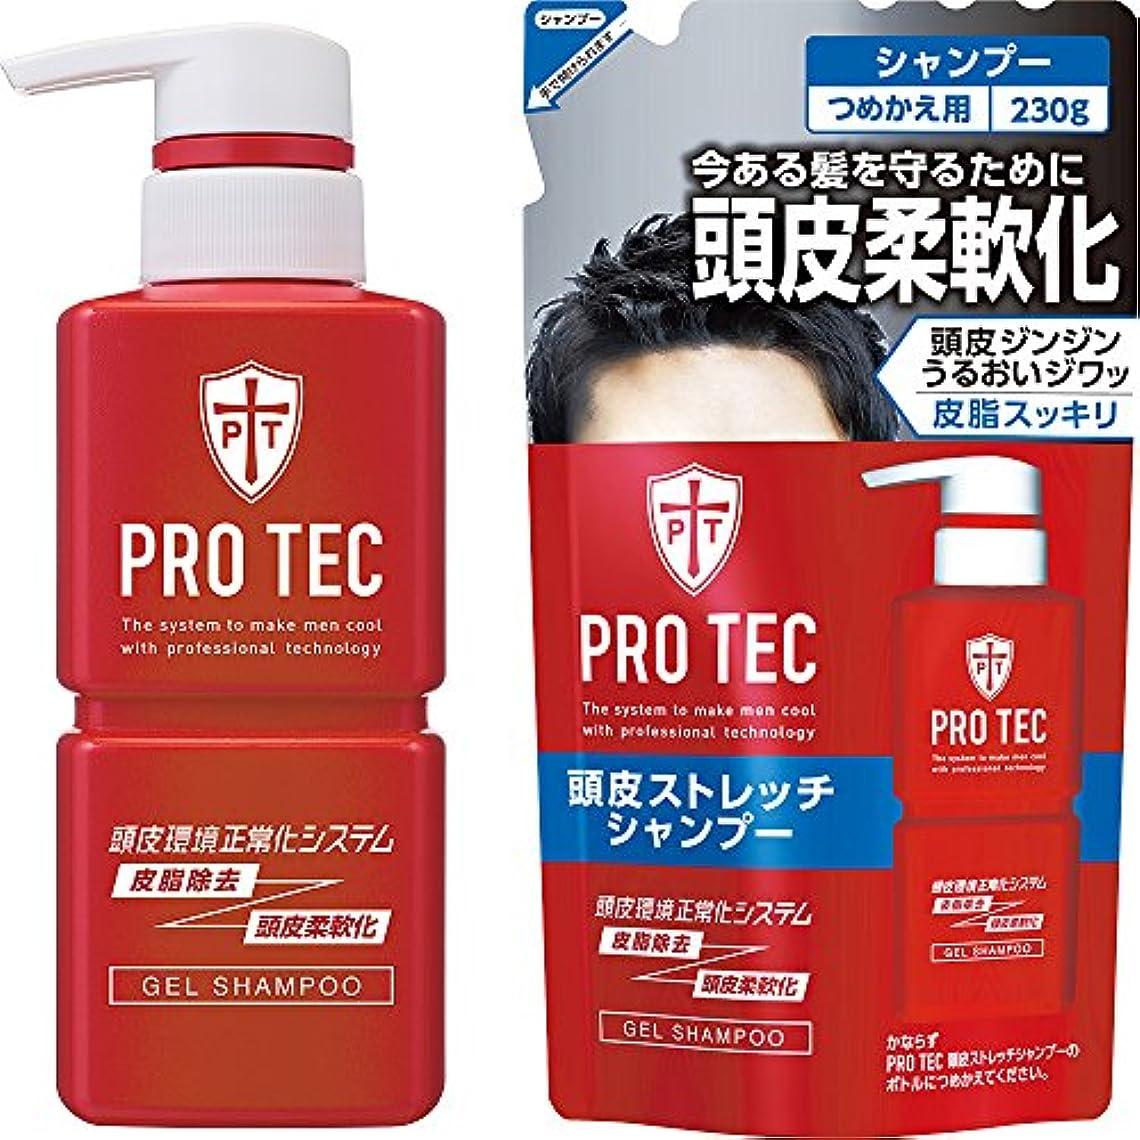 喜んできつくダンスPRO TEC(プロテク) 頭皮ストレッチシャンプー 本体ポンプ300g+詰め替え230g セット(医薬部外品)